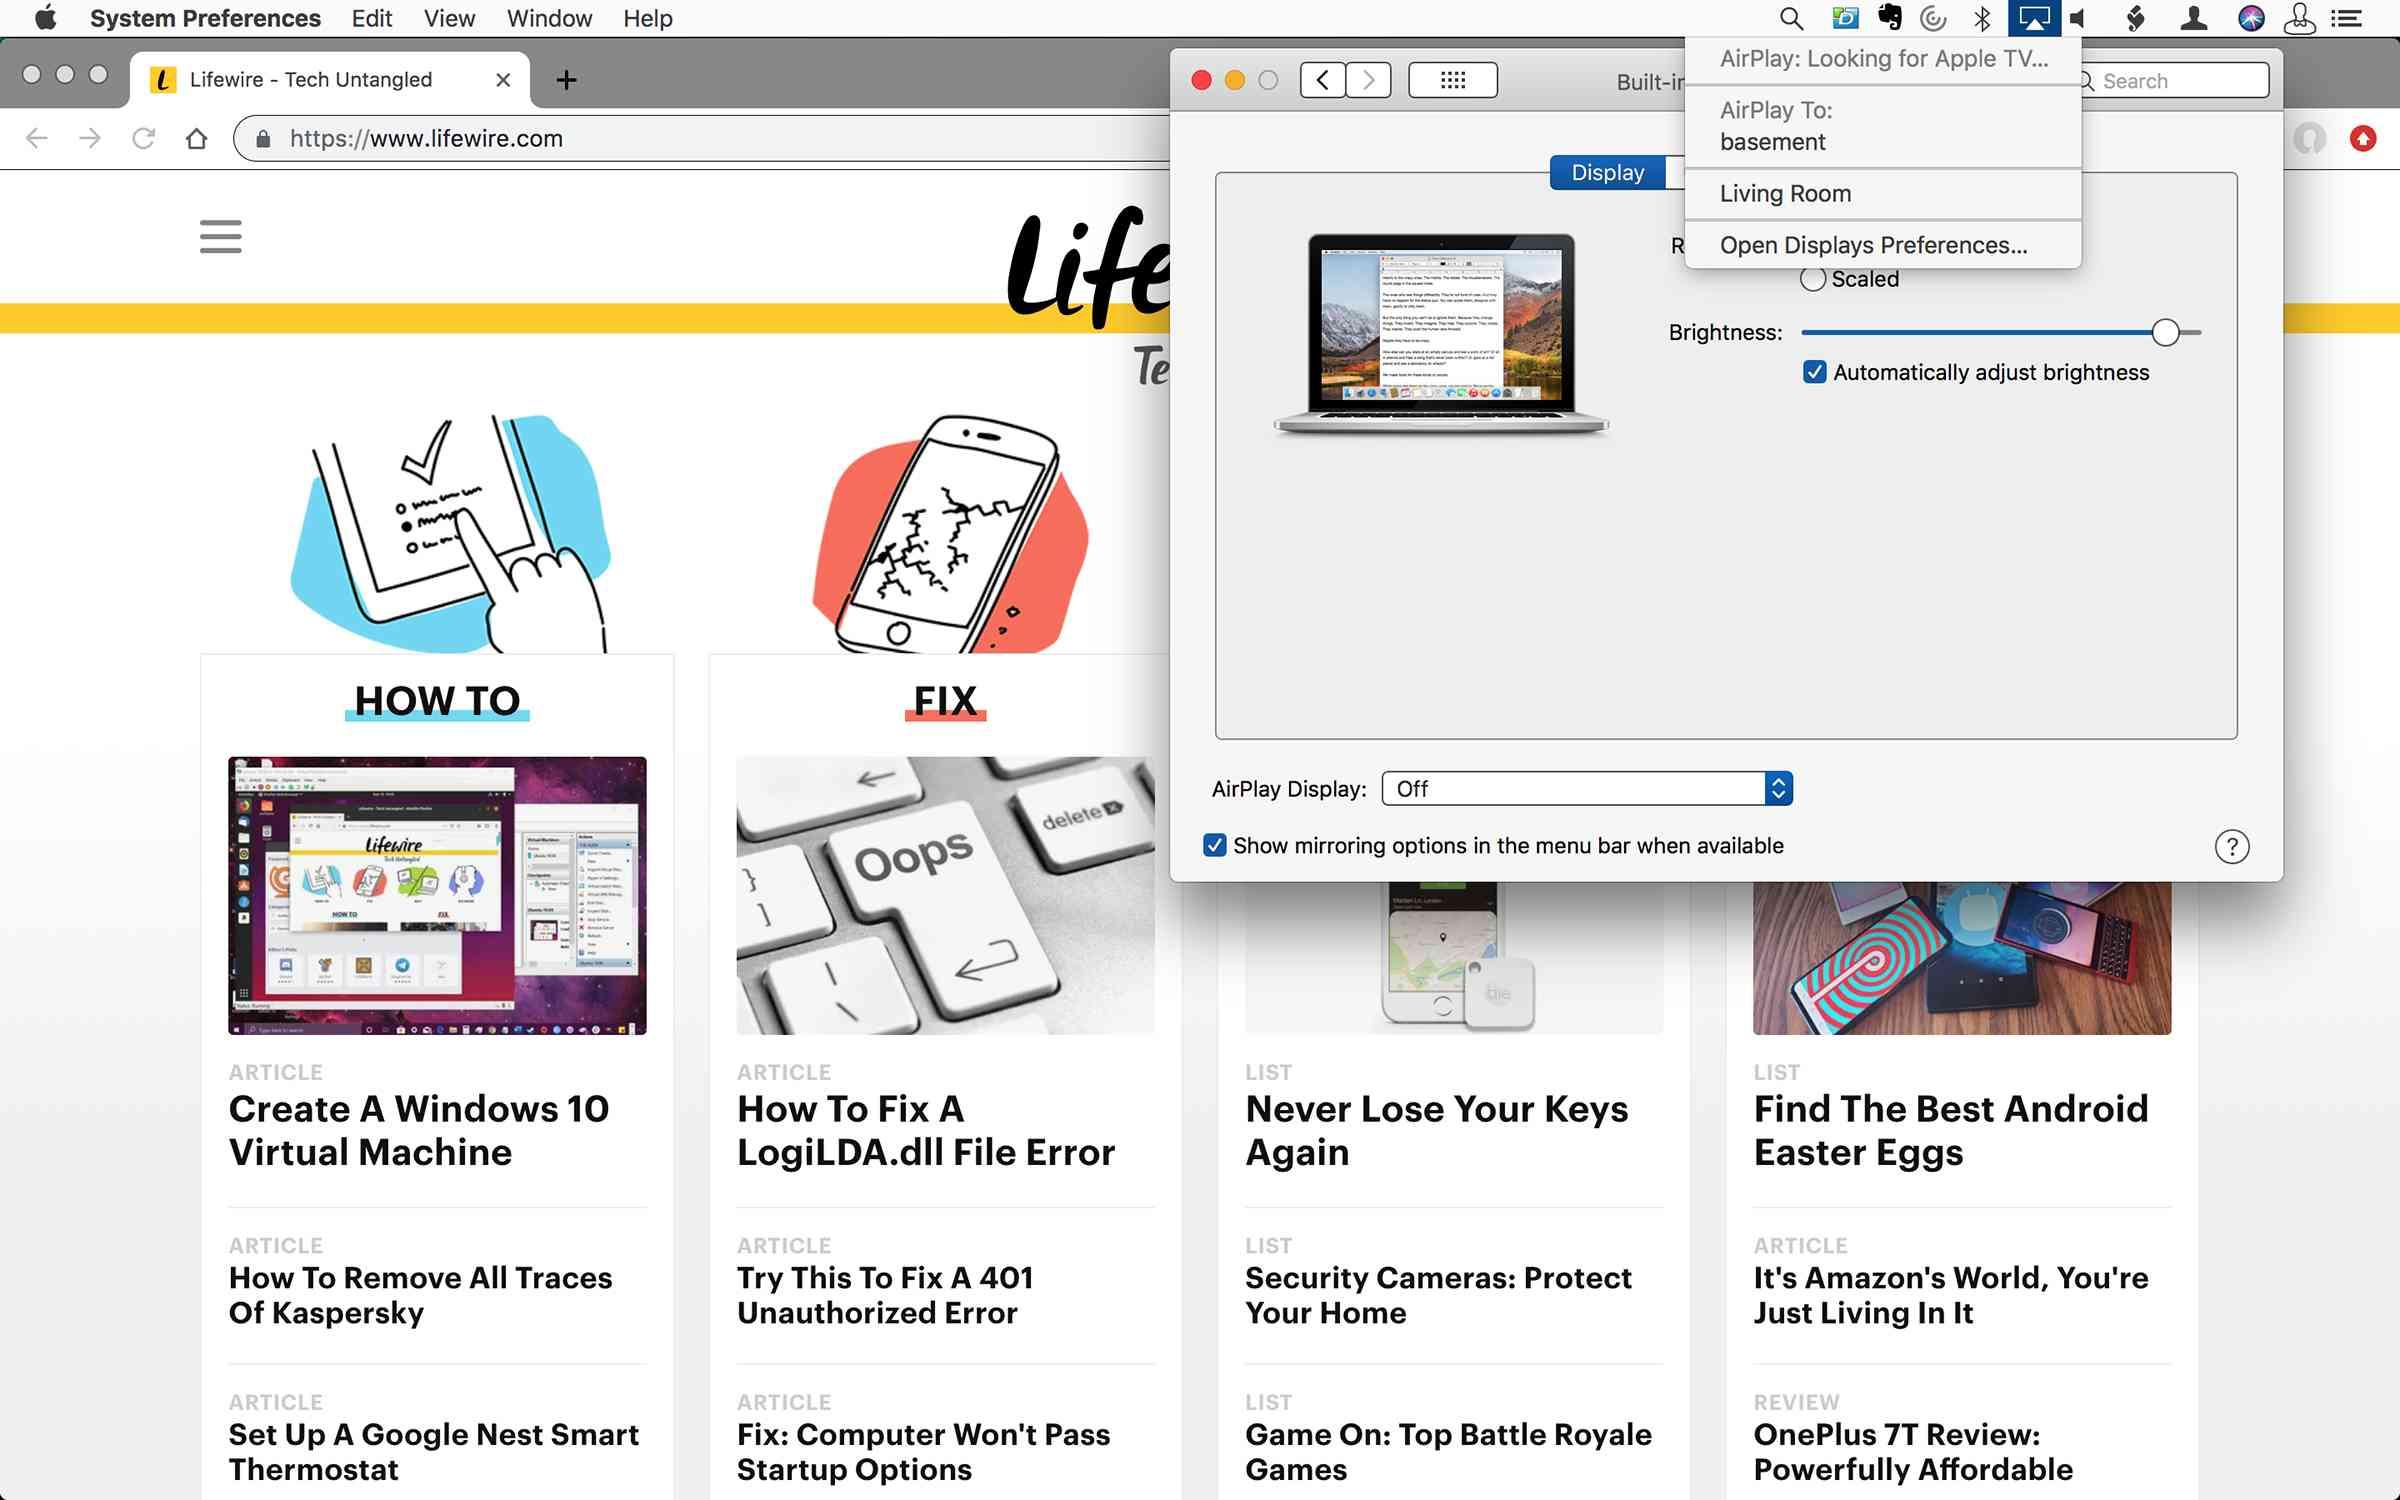 Screenshot of AirPlay in the Mac menu bar